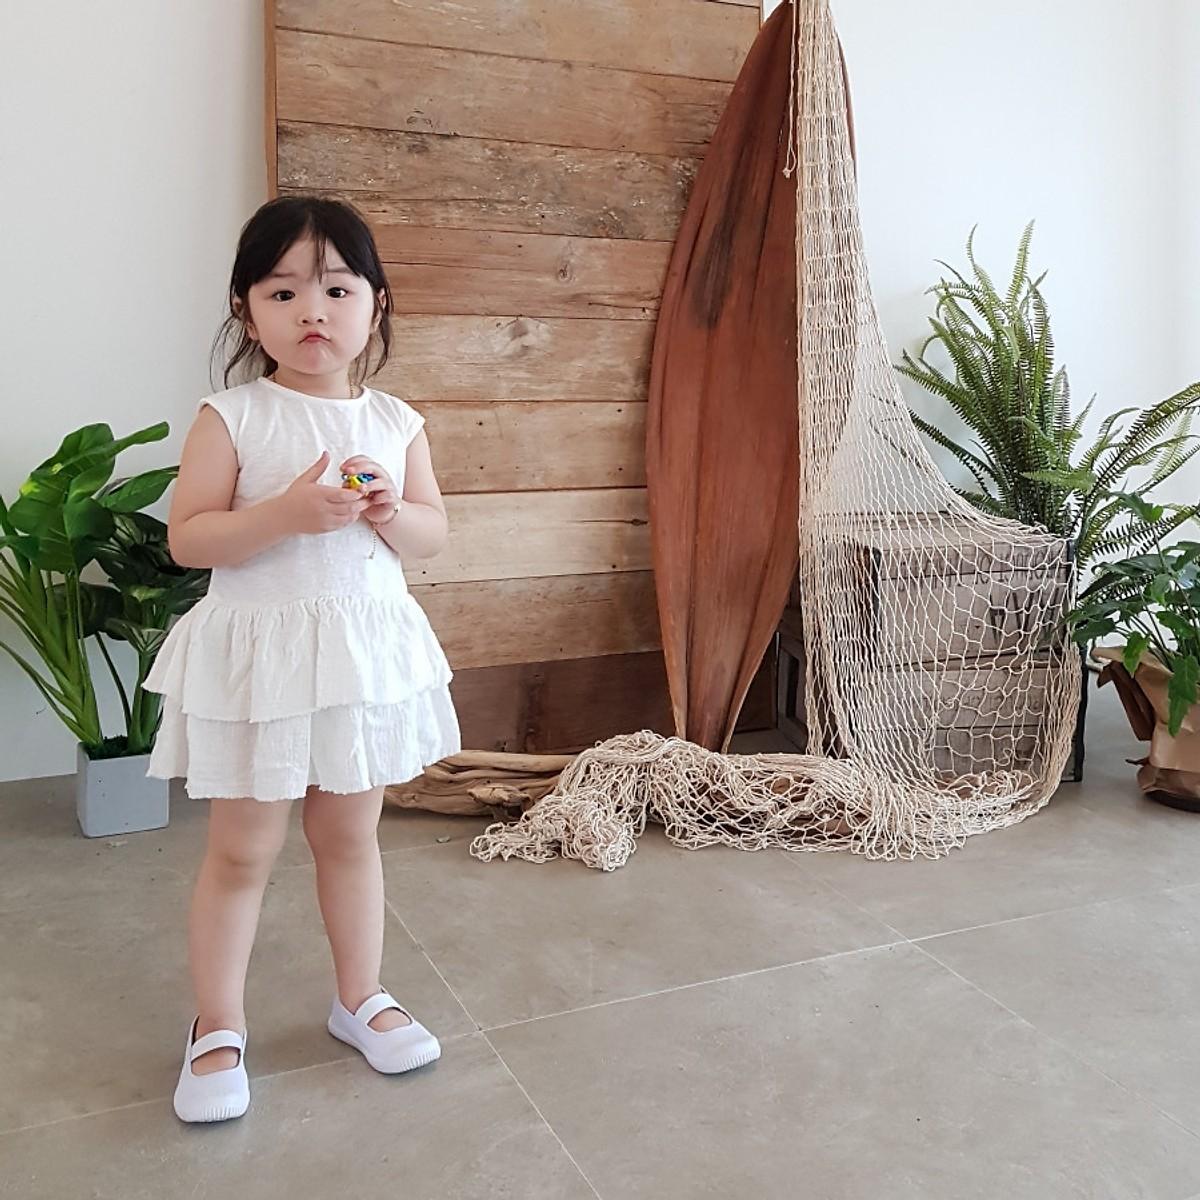 Váy Babydoll Trẻ Em NEWKIZ DR#1 - Quần áo trẻ em Phong Cách Hàn Quốc